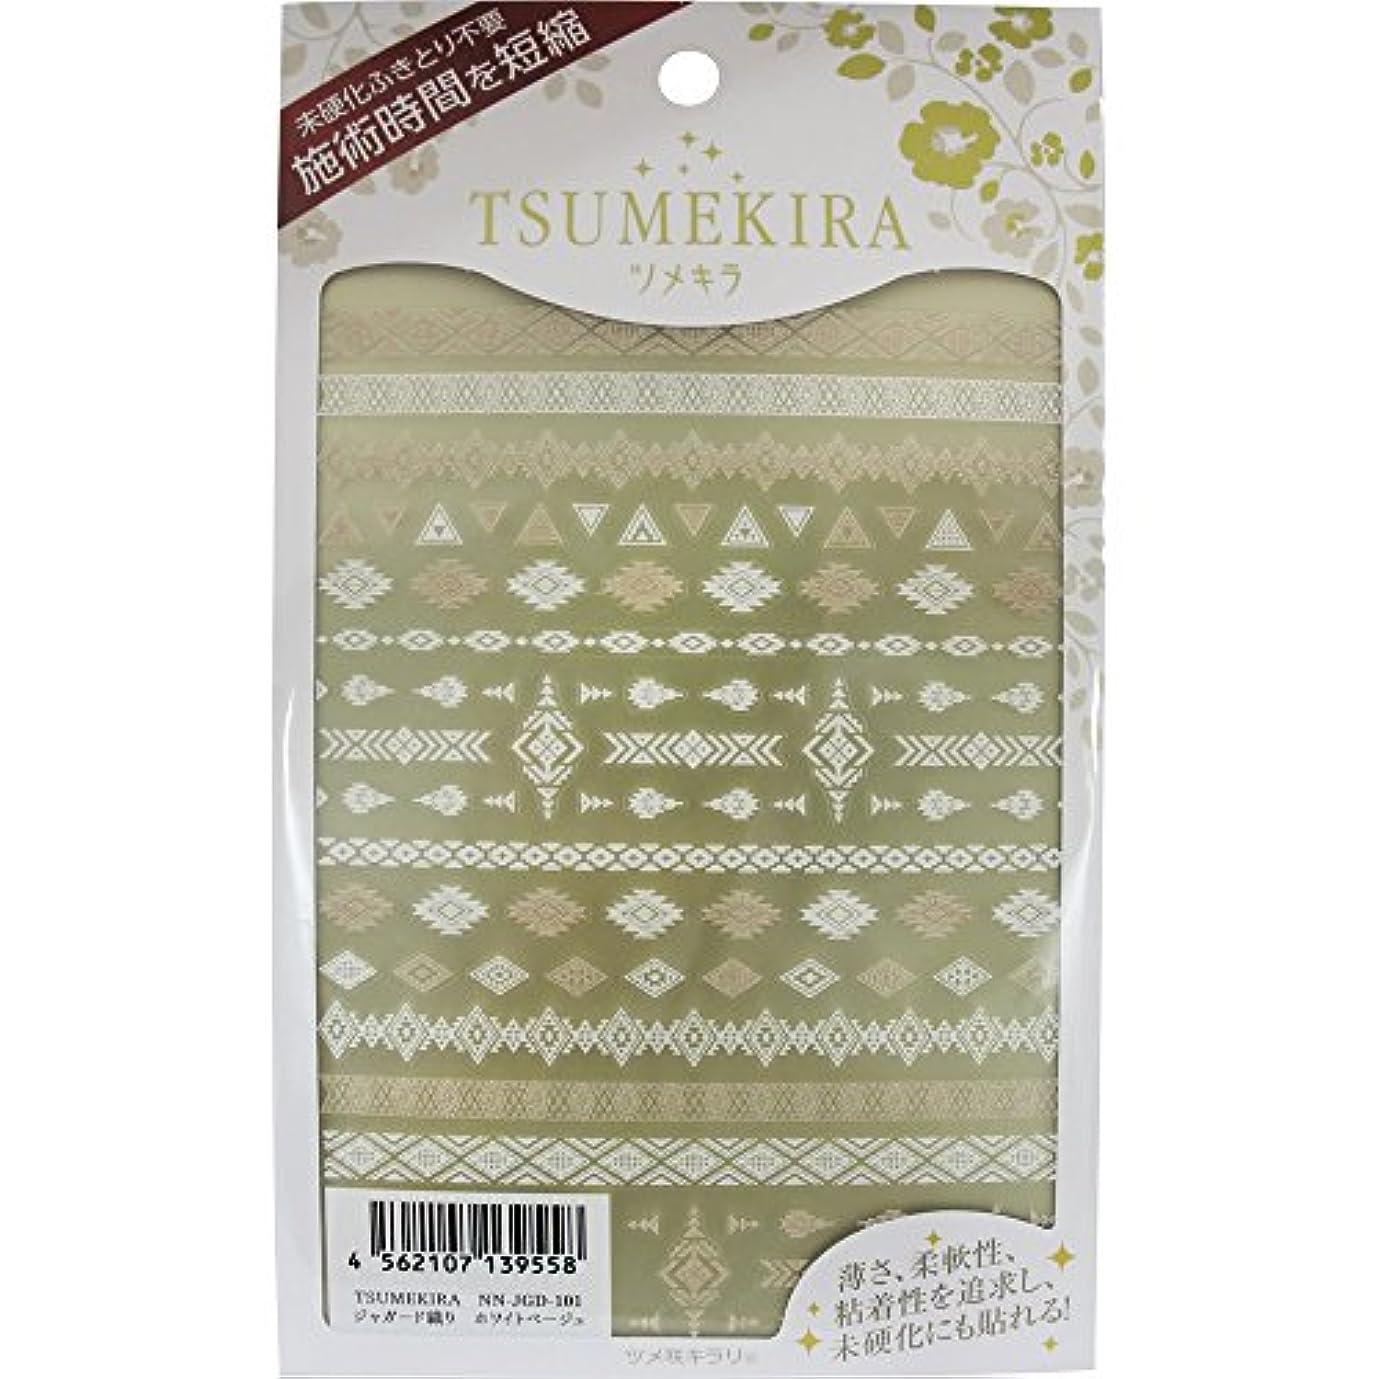 インタフェース呼びかけるアルカトラズ島ツメキラ(TSUMEKIRA) ネイル用シール ジャガード織り ホワイトベージュ NN-JGD-101